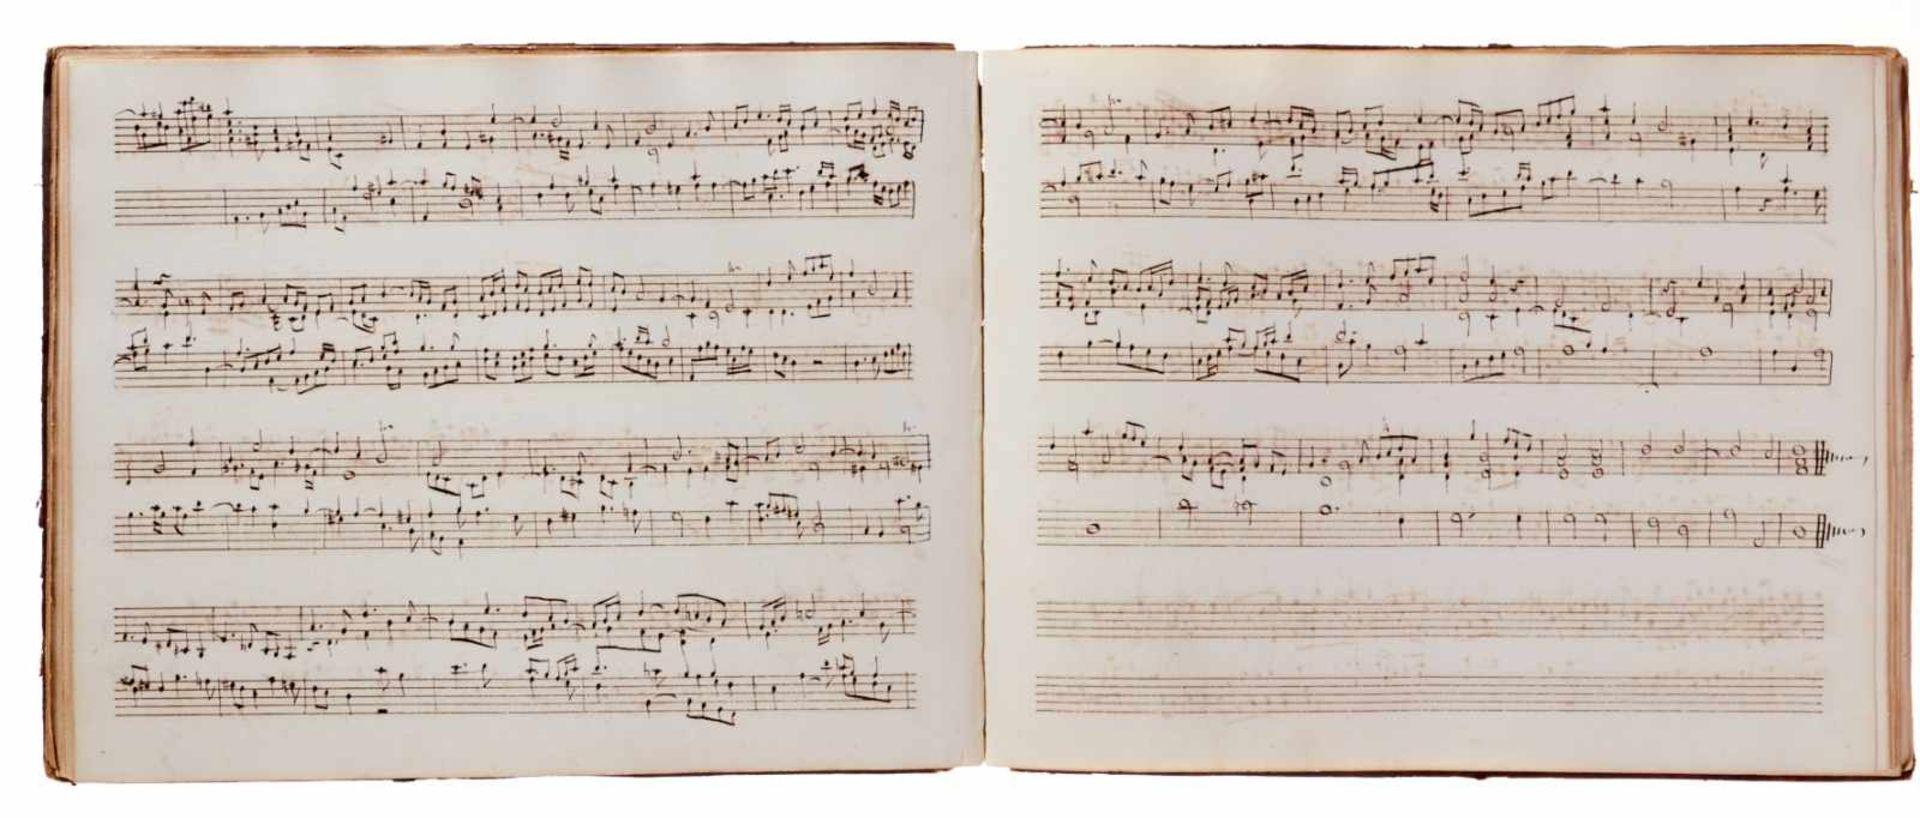 Notiz- und Skizzenbuch eines in Großbritannien tätigen Komponisten.Musikhandschrift auf Papier. Wohl - Bild 21 aus 30